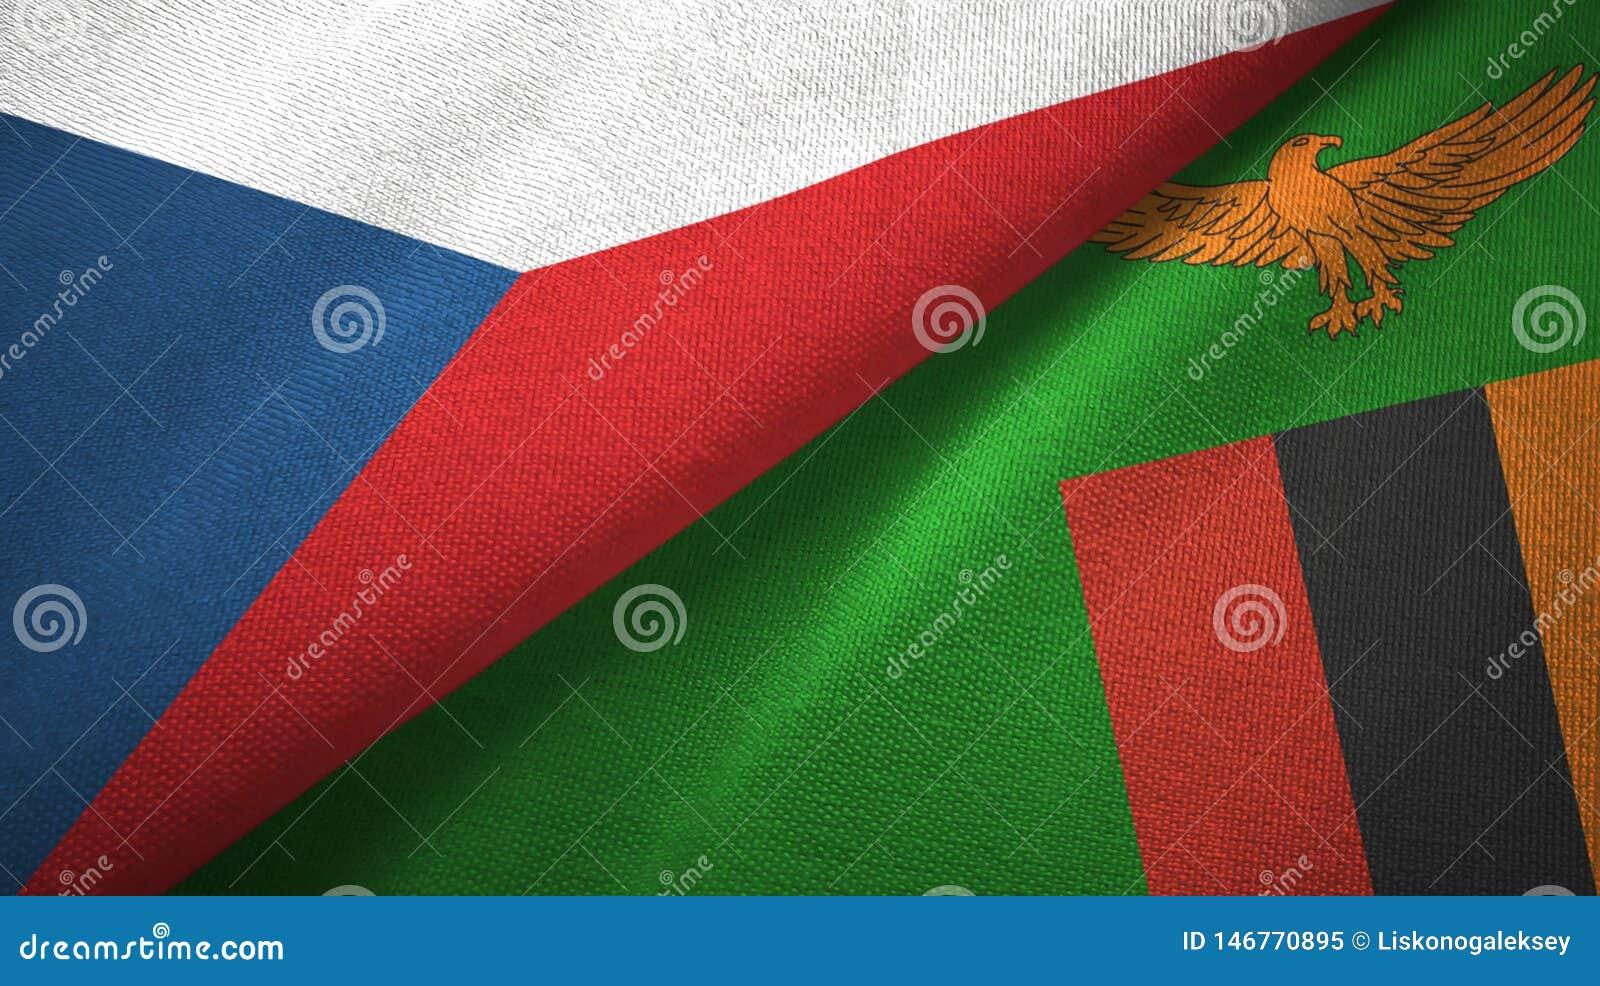 捷克和赞比亚两旗子纺织品布料,织品纹理